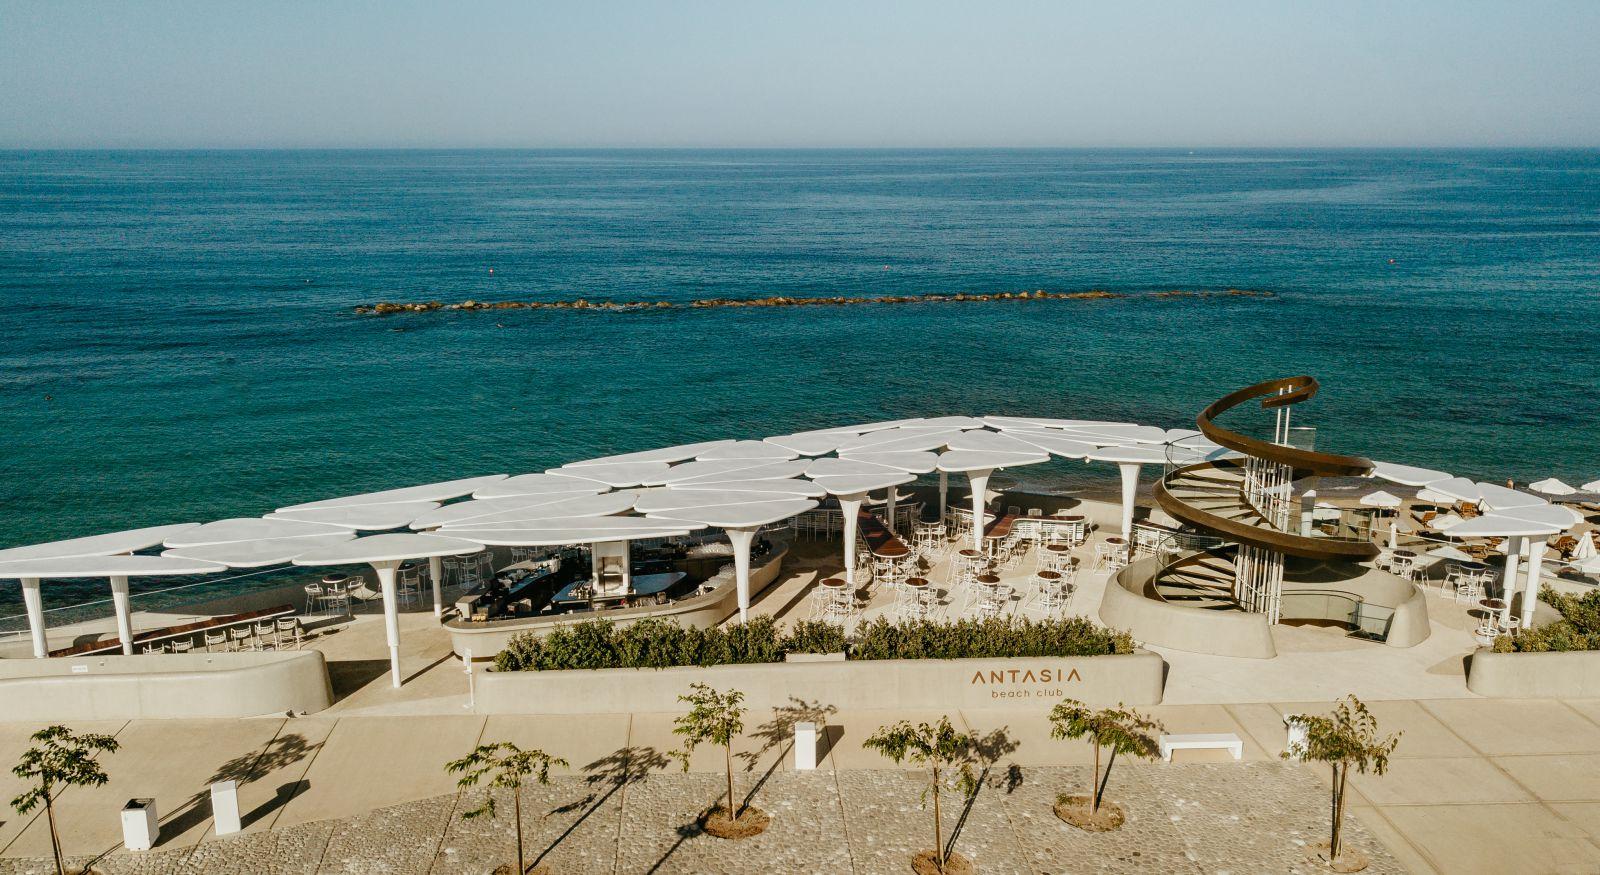 Antasia Beach Club